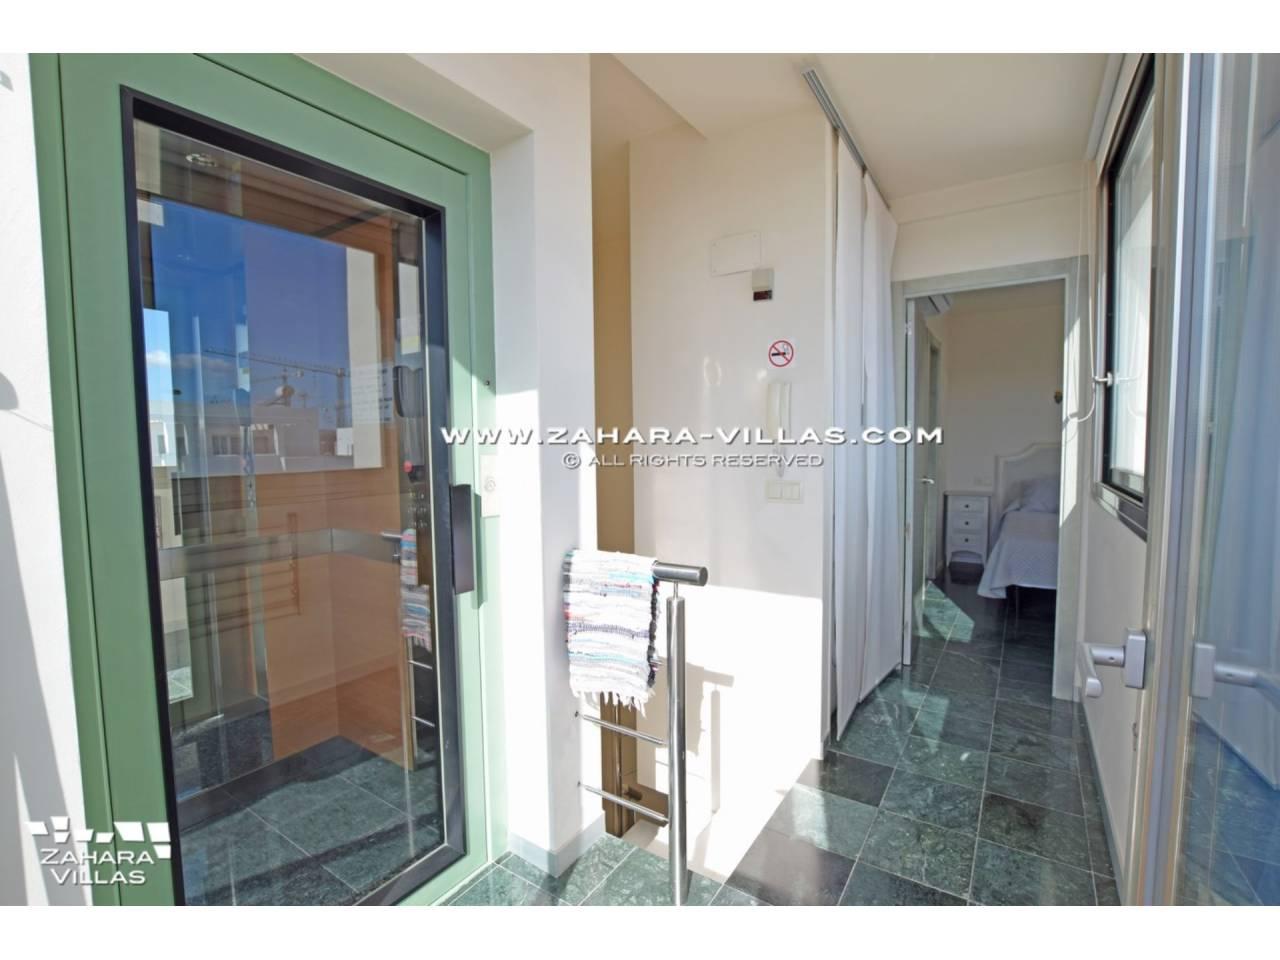 Imagen 7 de House for sale in Zahara de los Atunes